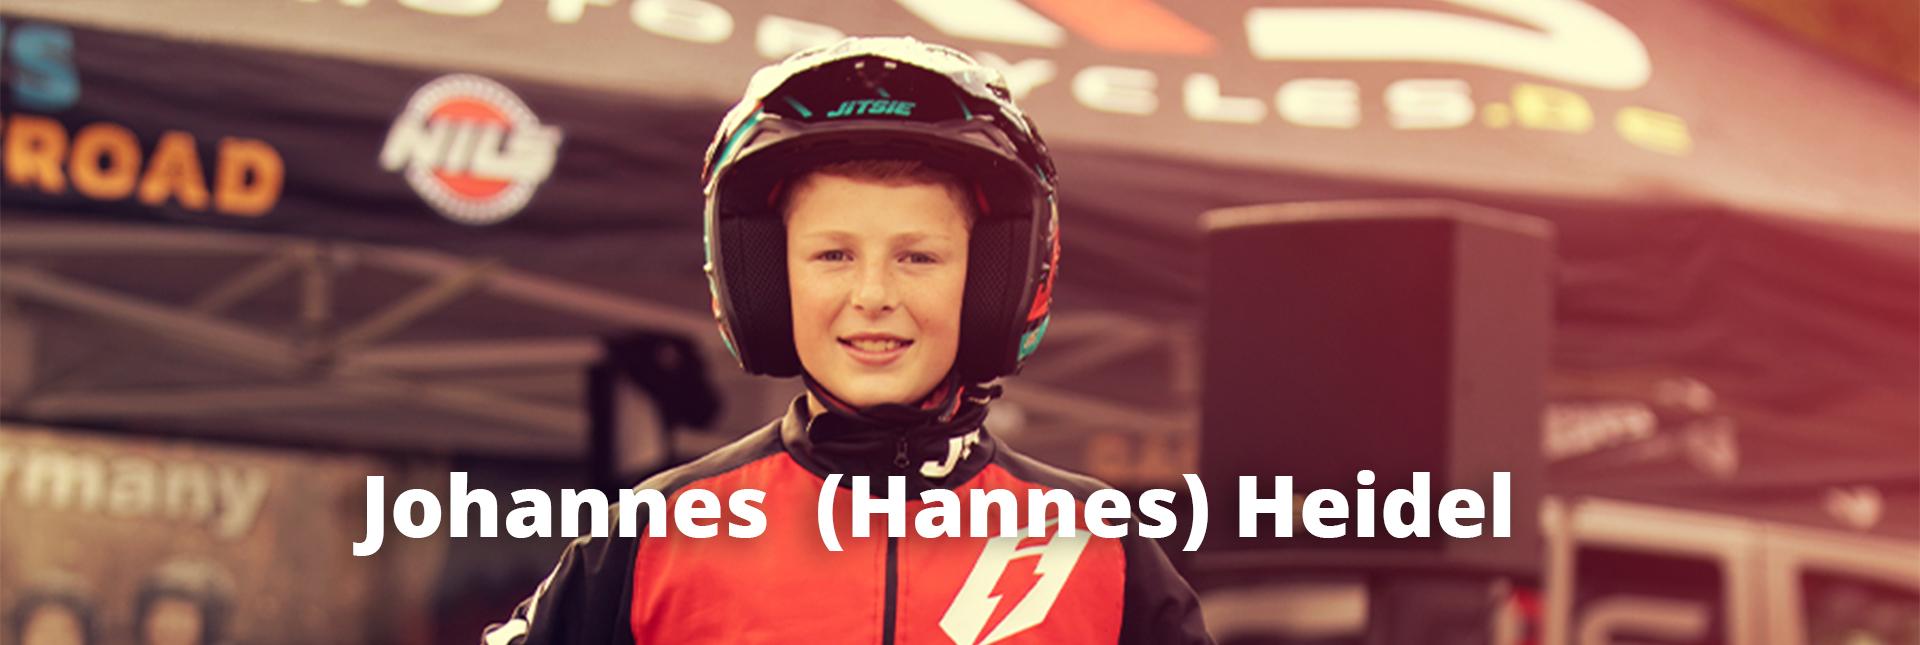 Johannes Heidel